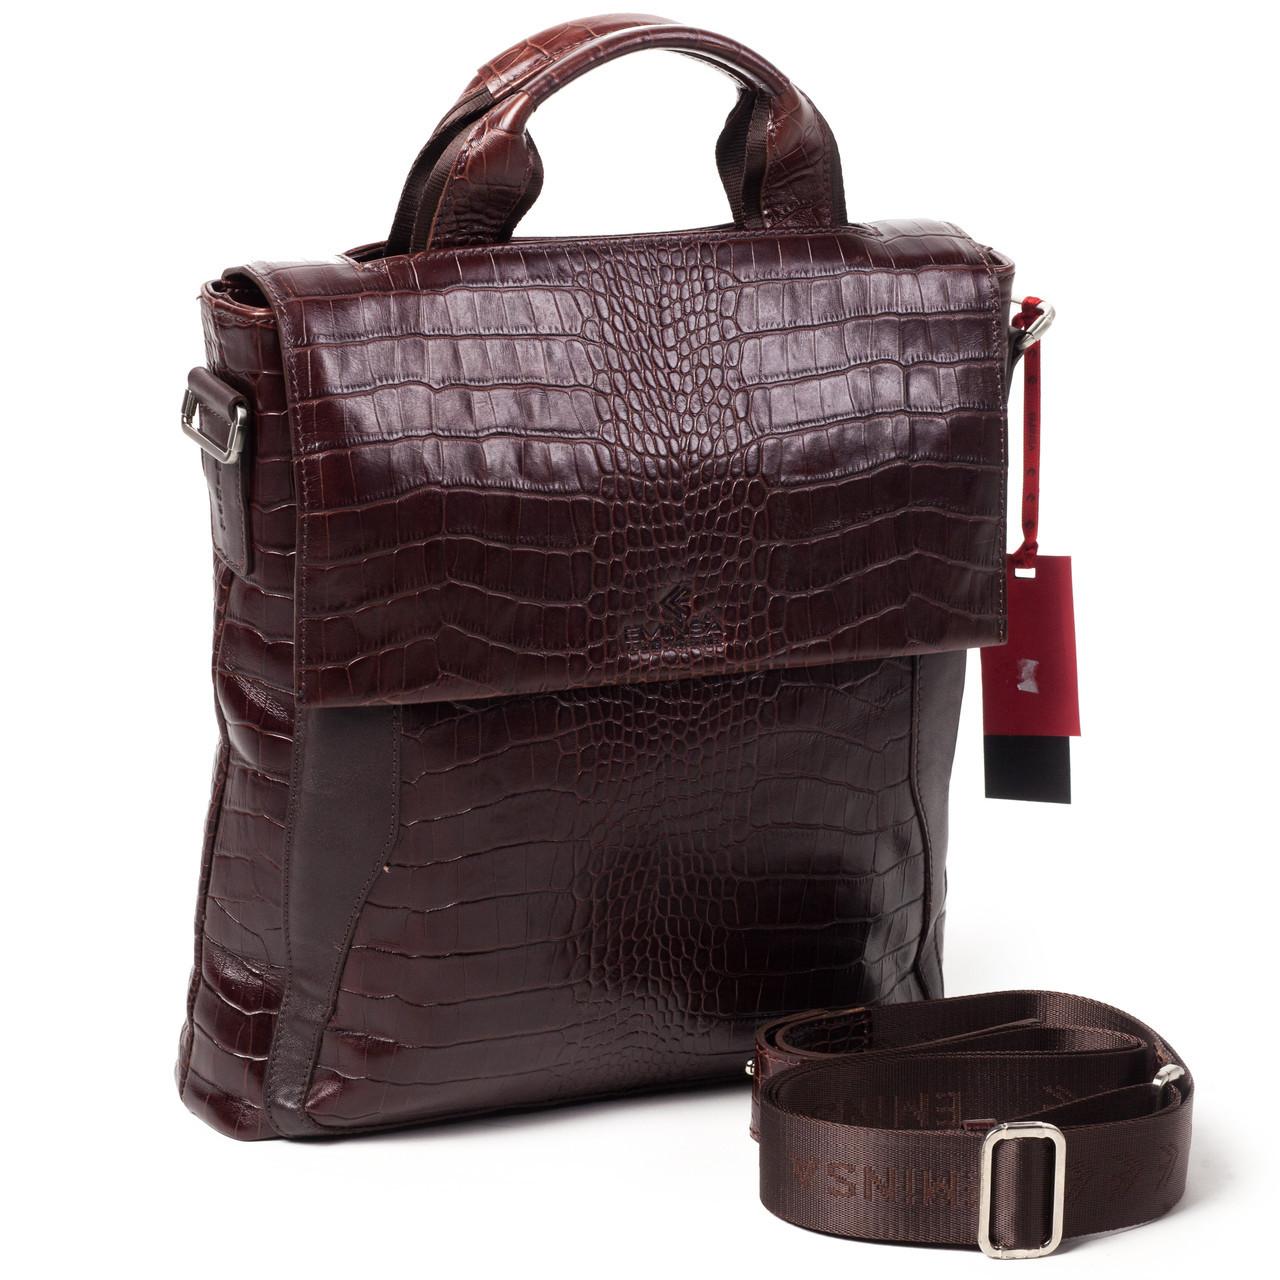 Мужская сумка кожаная коричневая Eminsa 6019-4-3 072bd7bdd5025